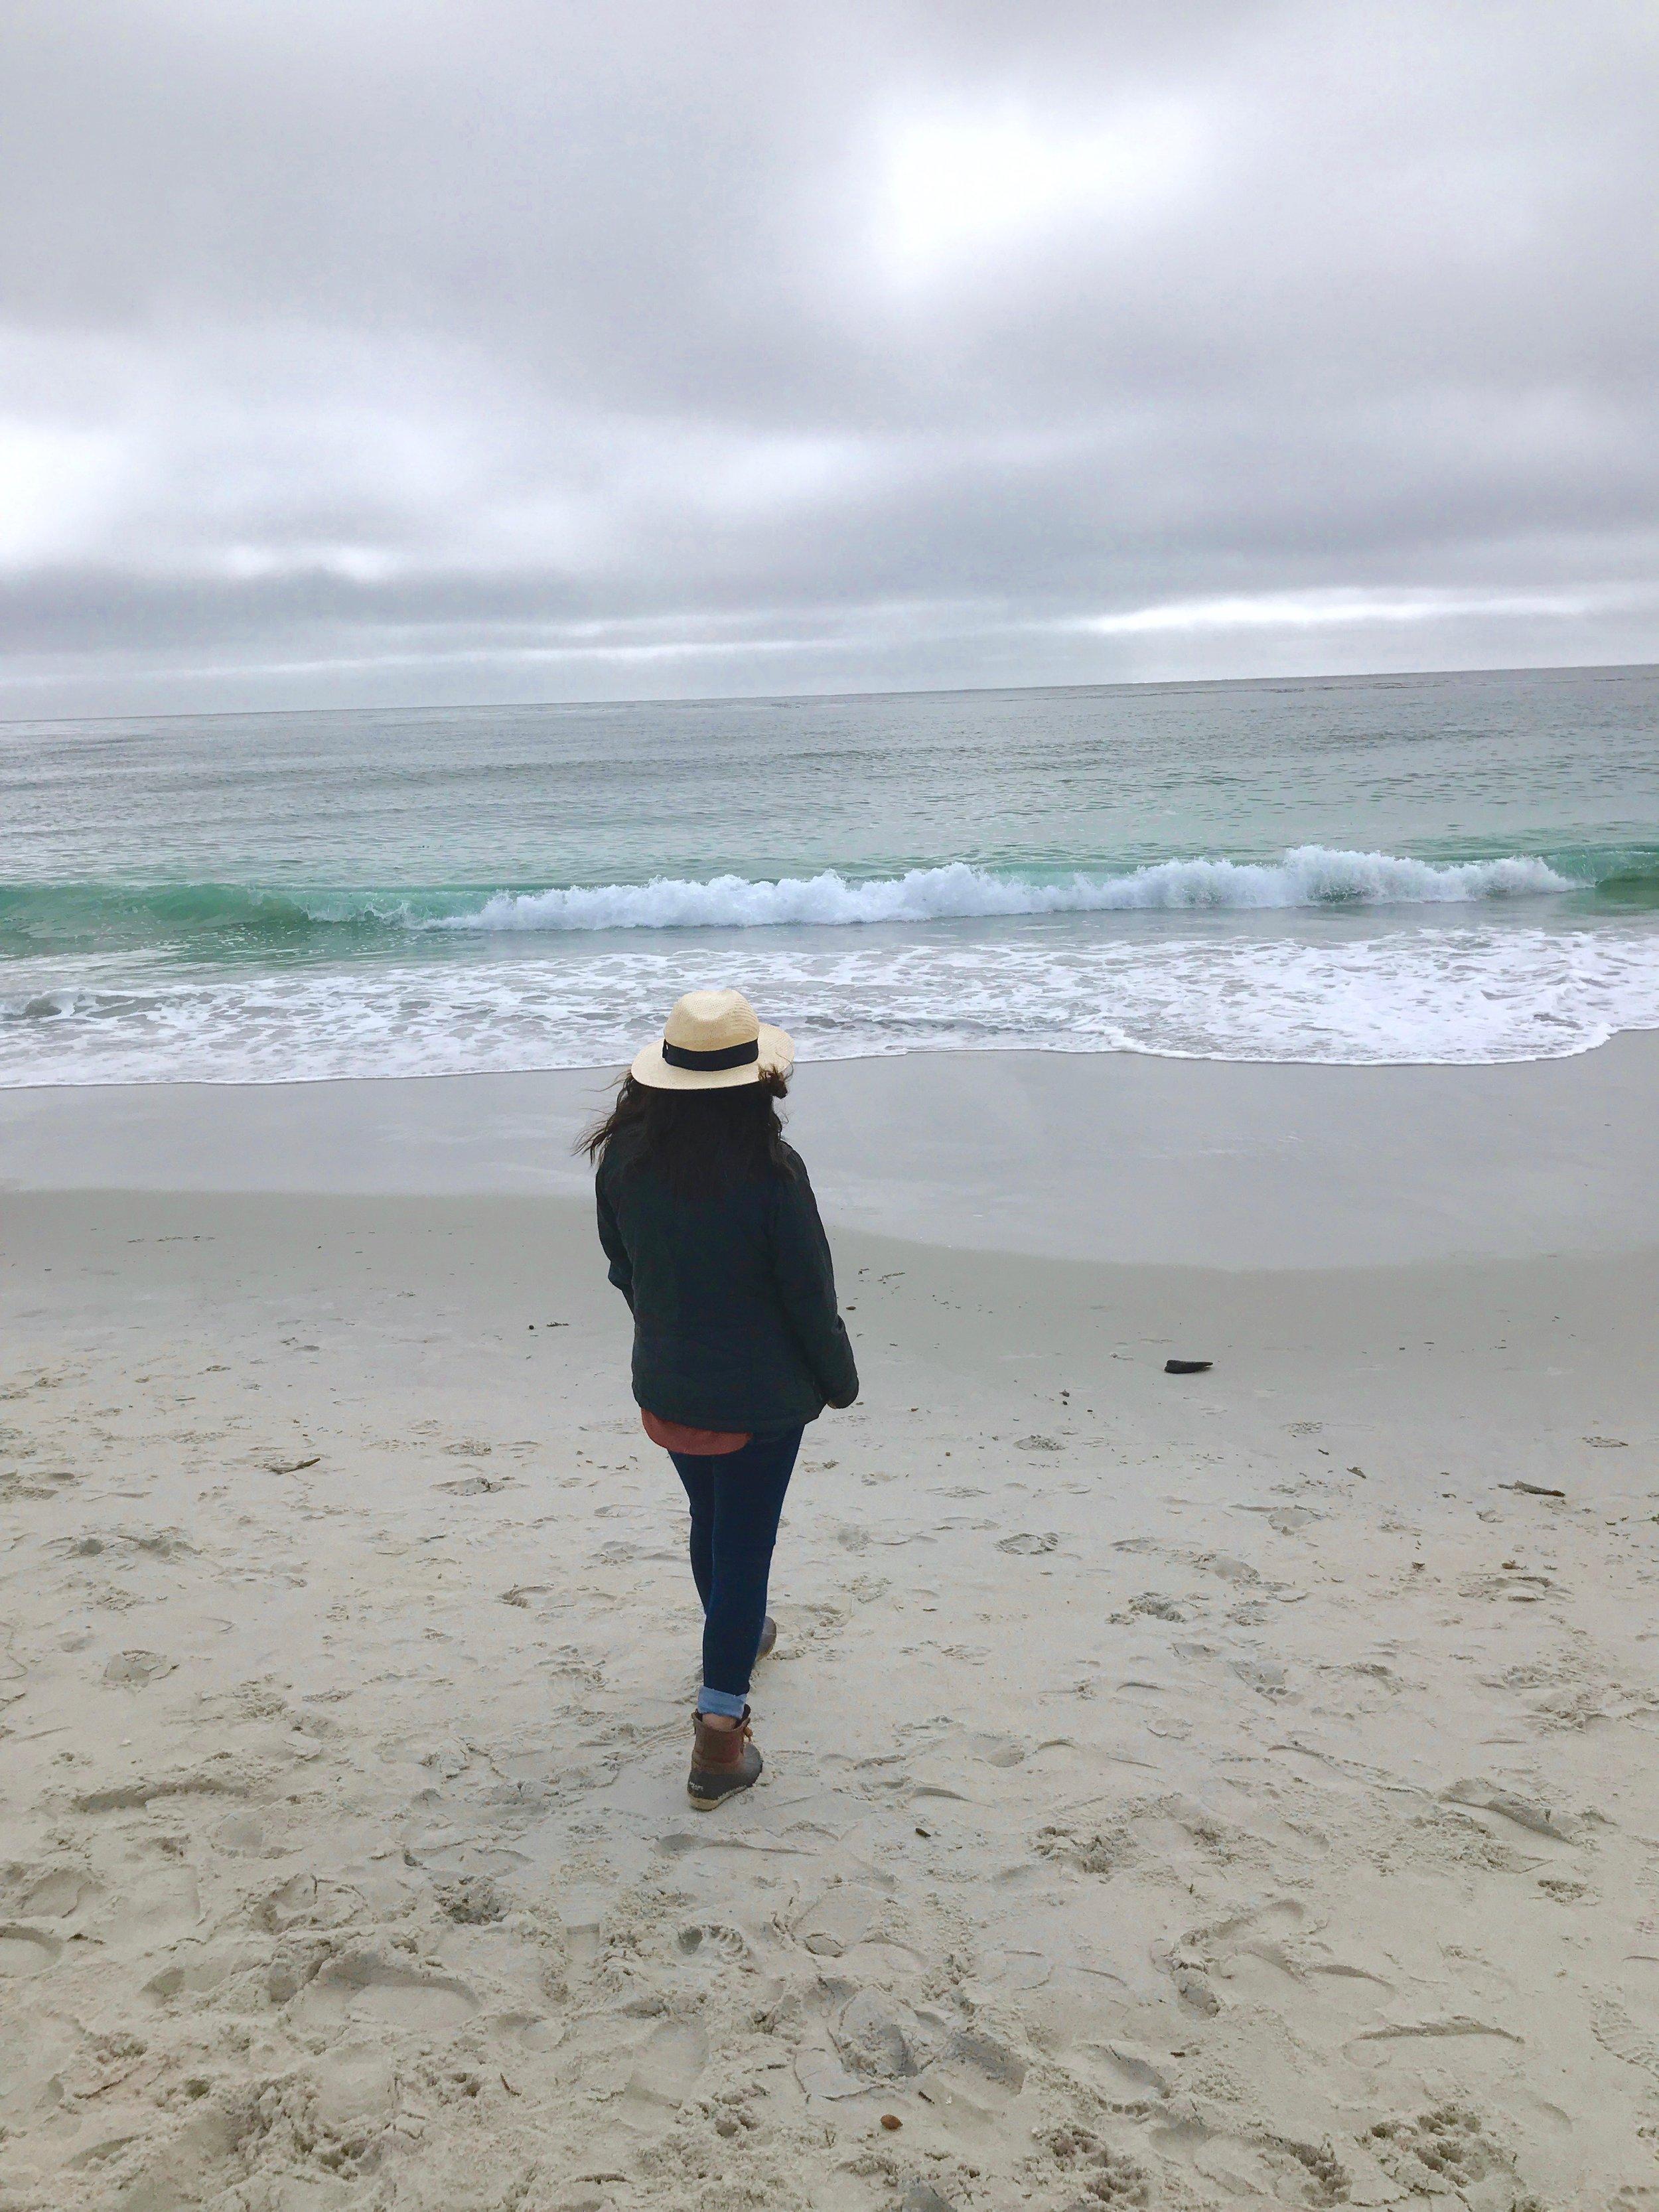 Pacific Coast Highway - Catie Bee21.jpg